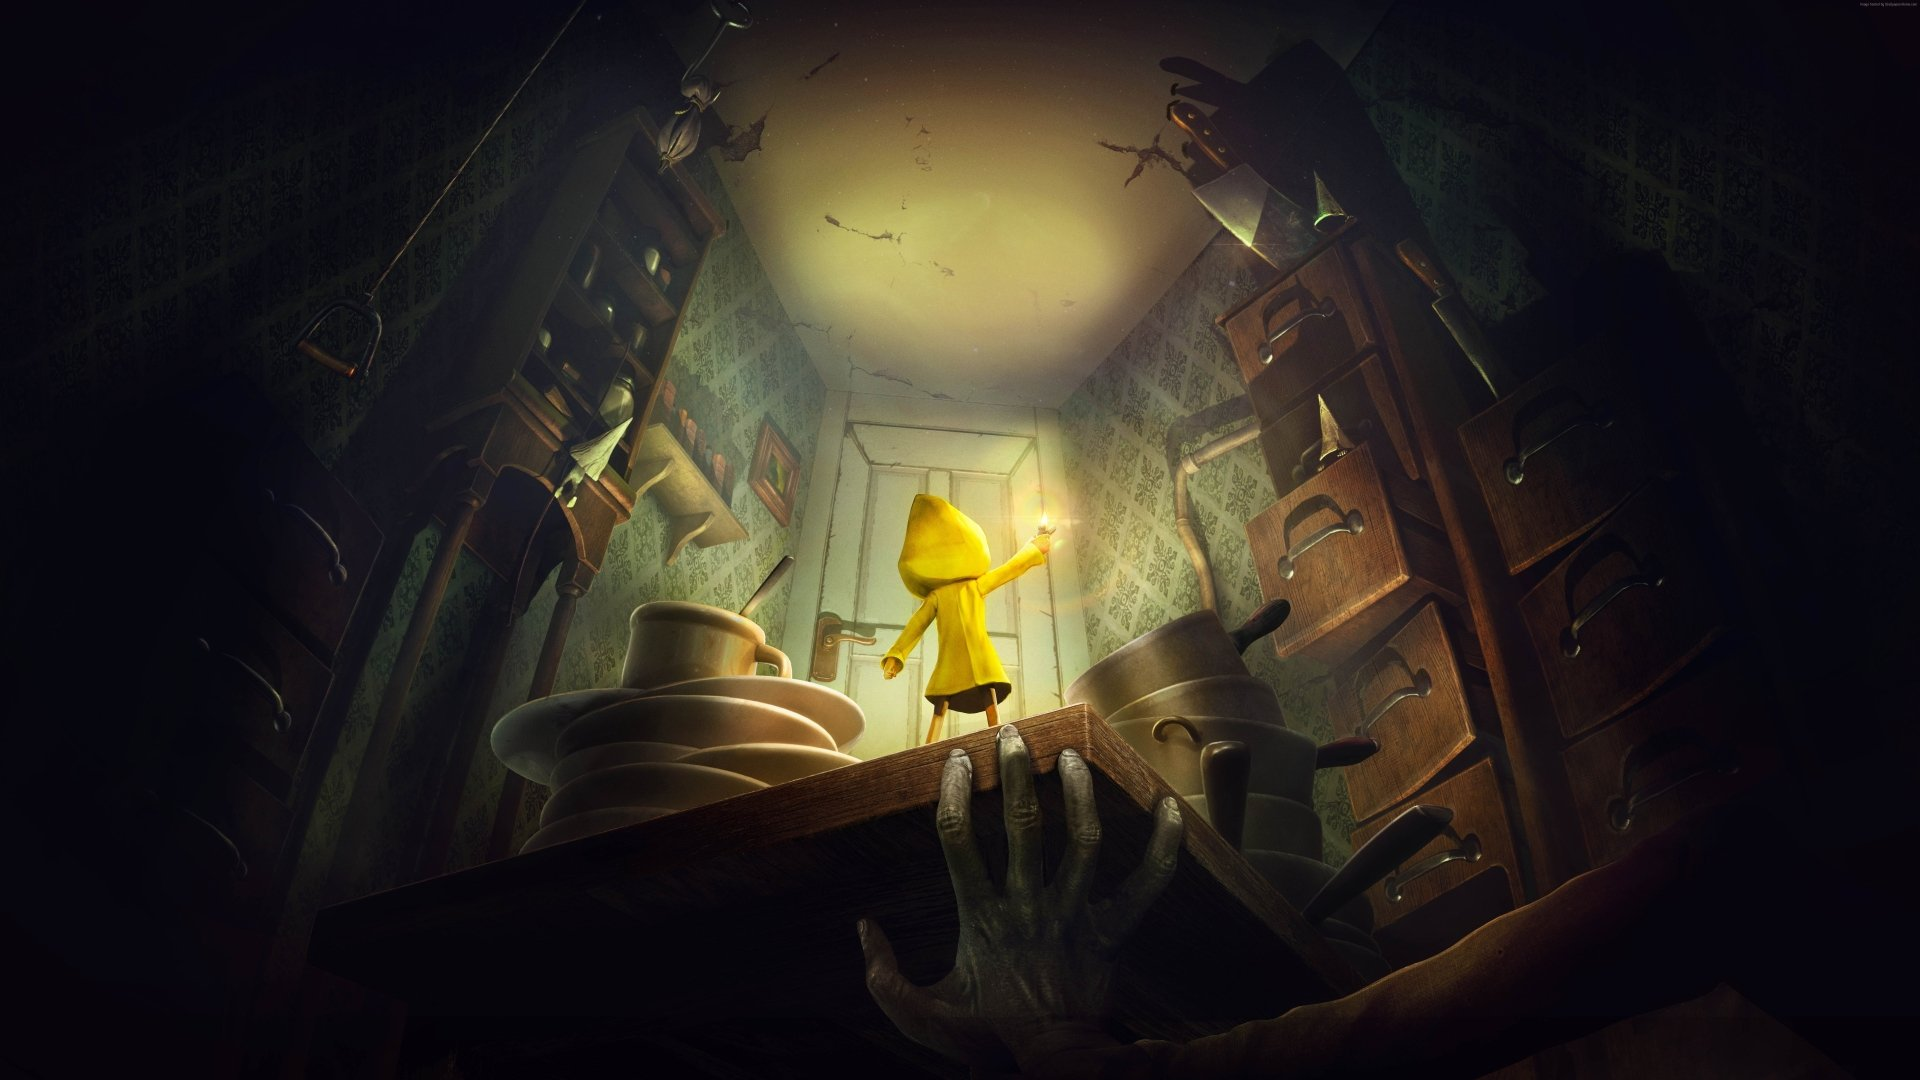 Video Game - Little Nightmares  Six (Little Nightmares) Wallpaper